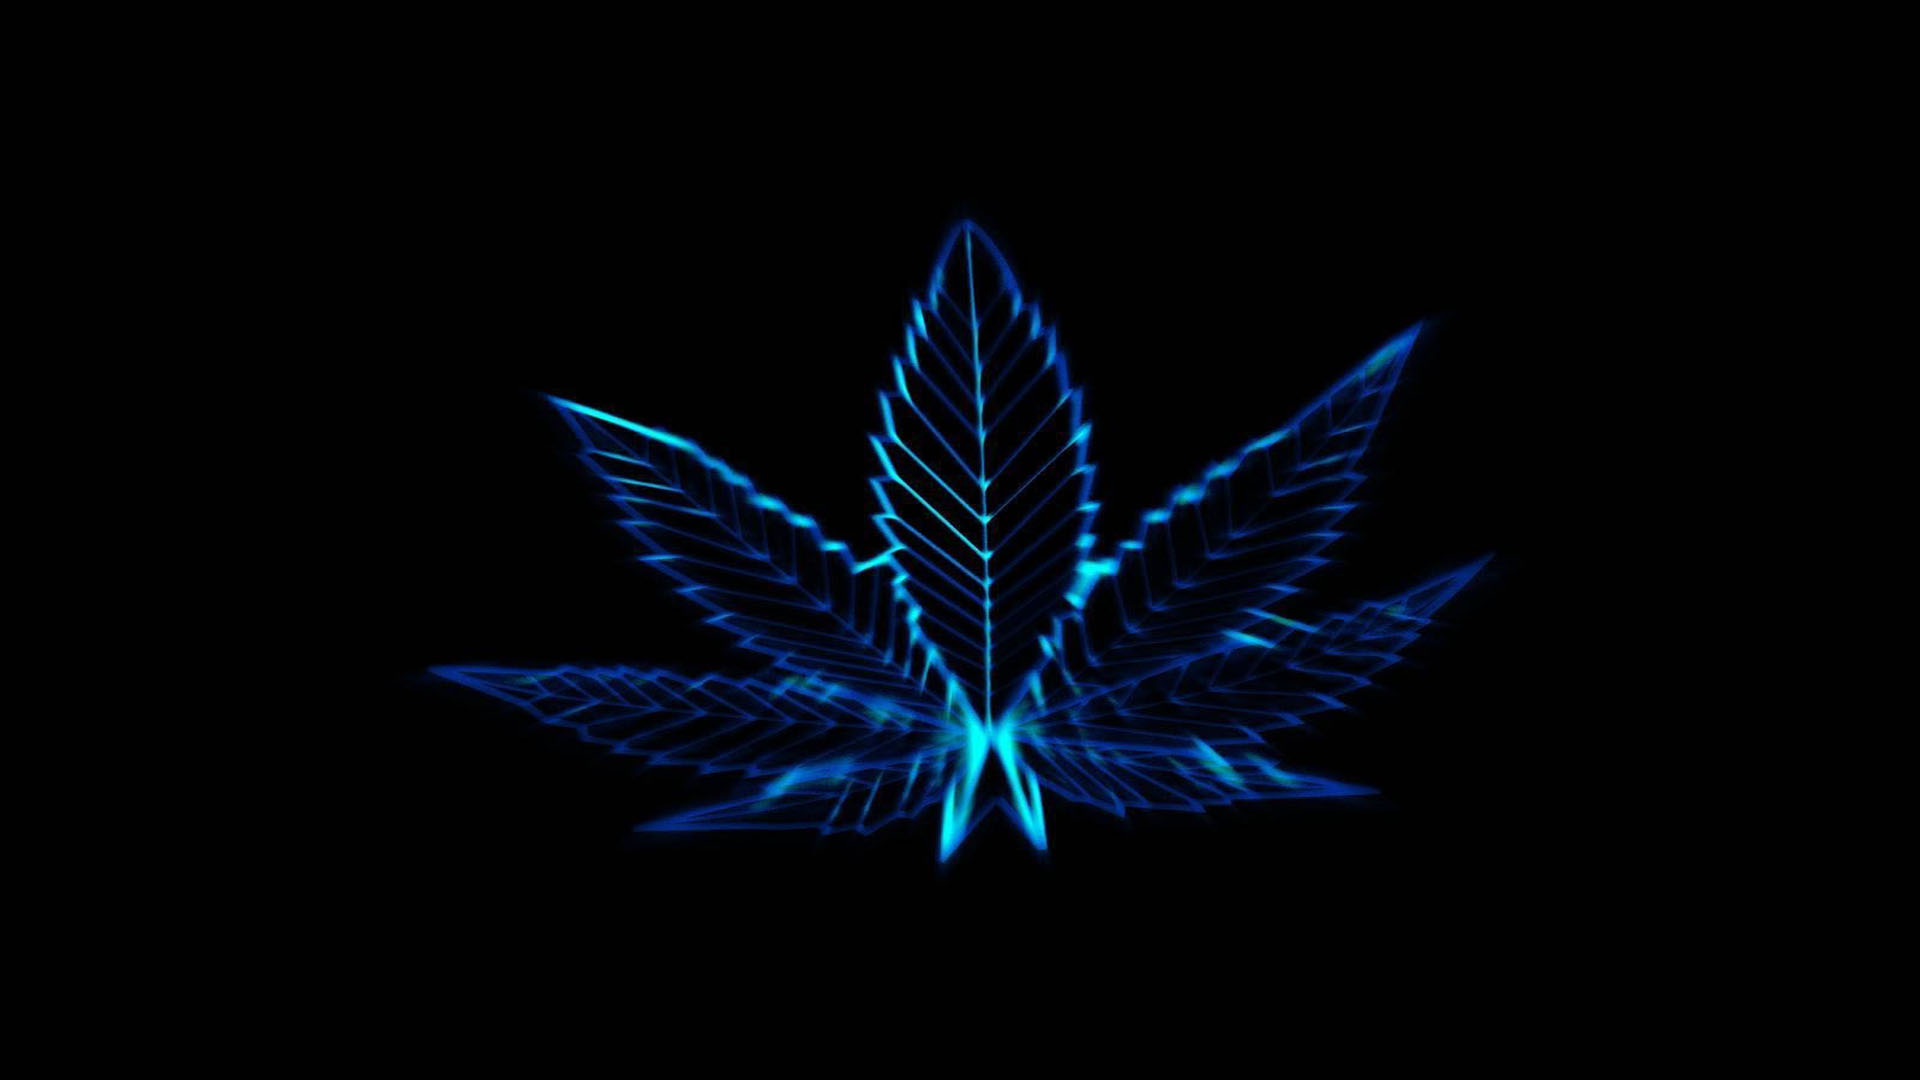 Скачать картинки на рабочий стол с коноплю как лечить от курения марихуаны